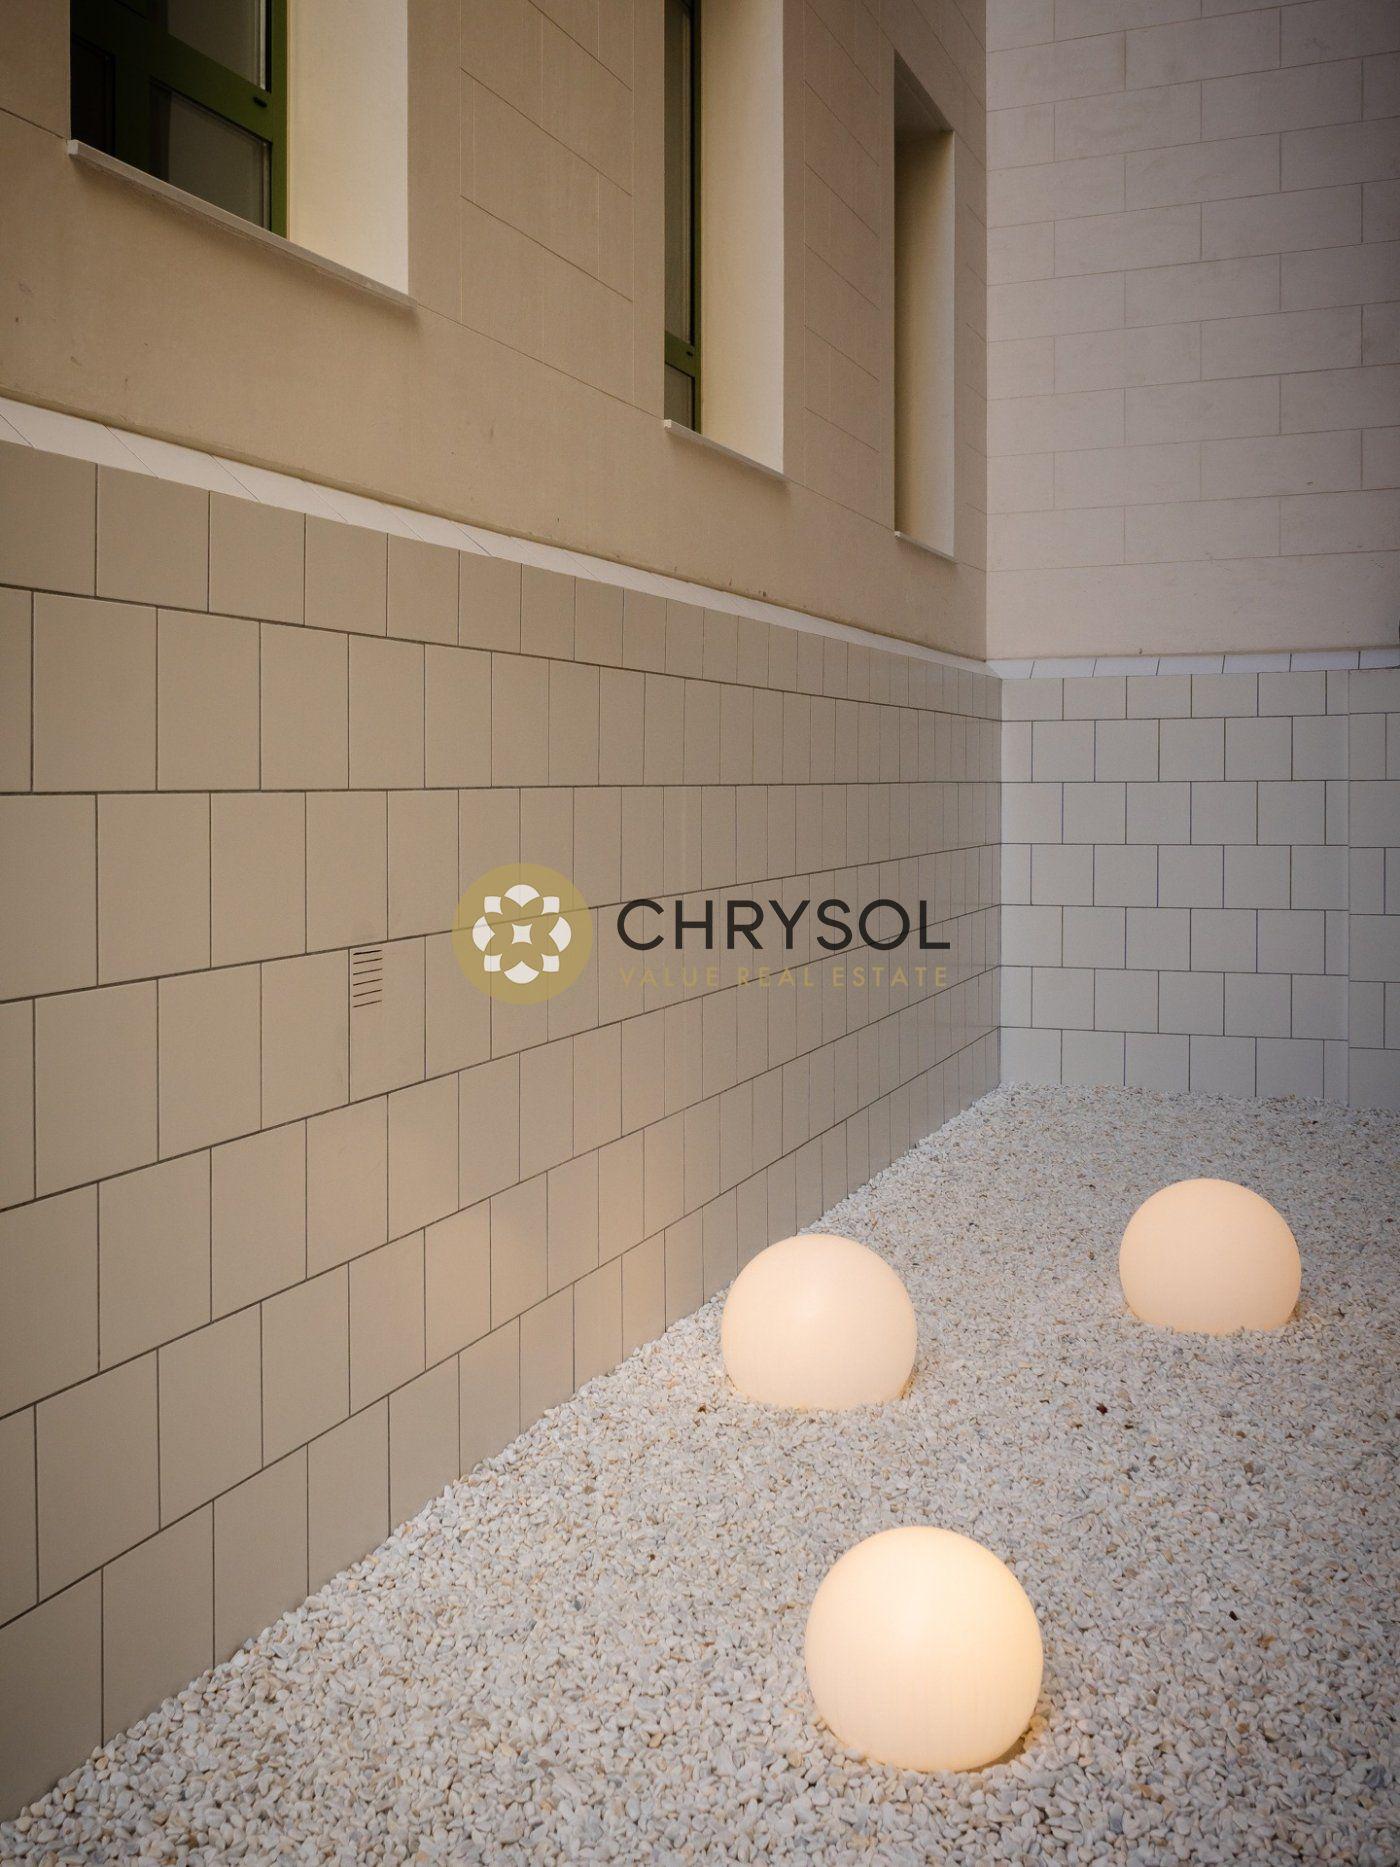 Fotogalería - 26 - Chrysol Value